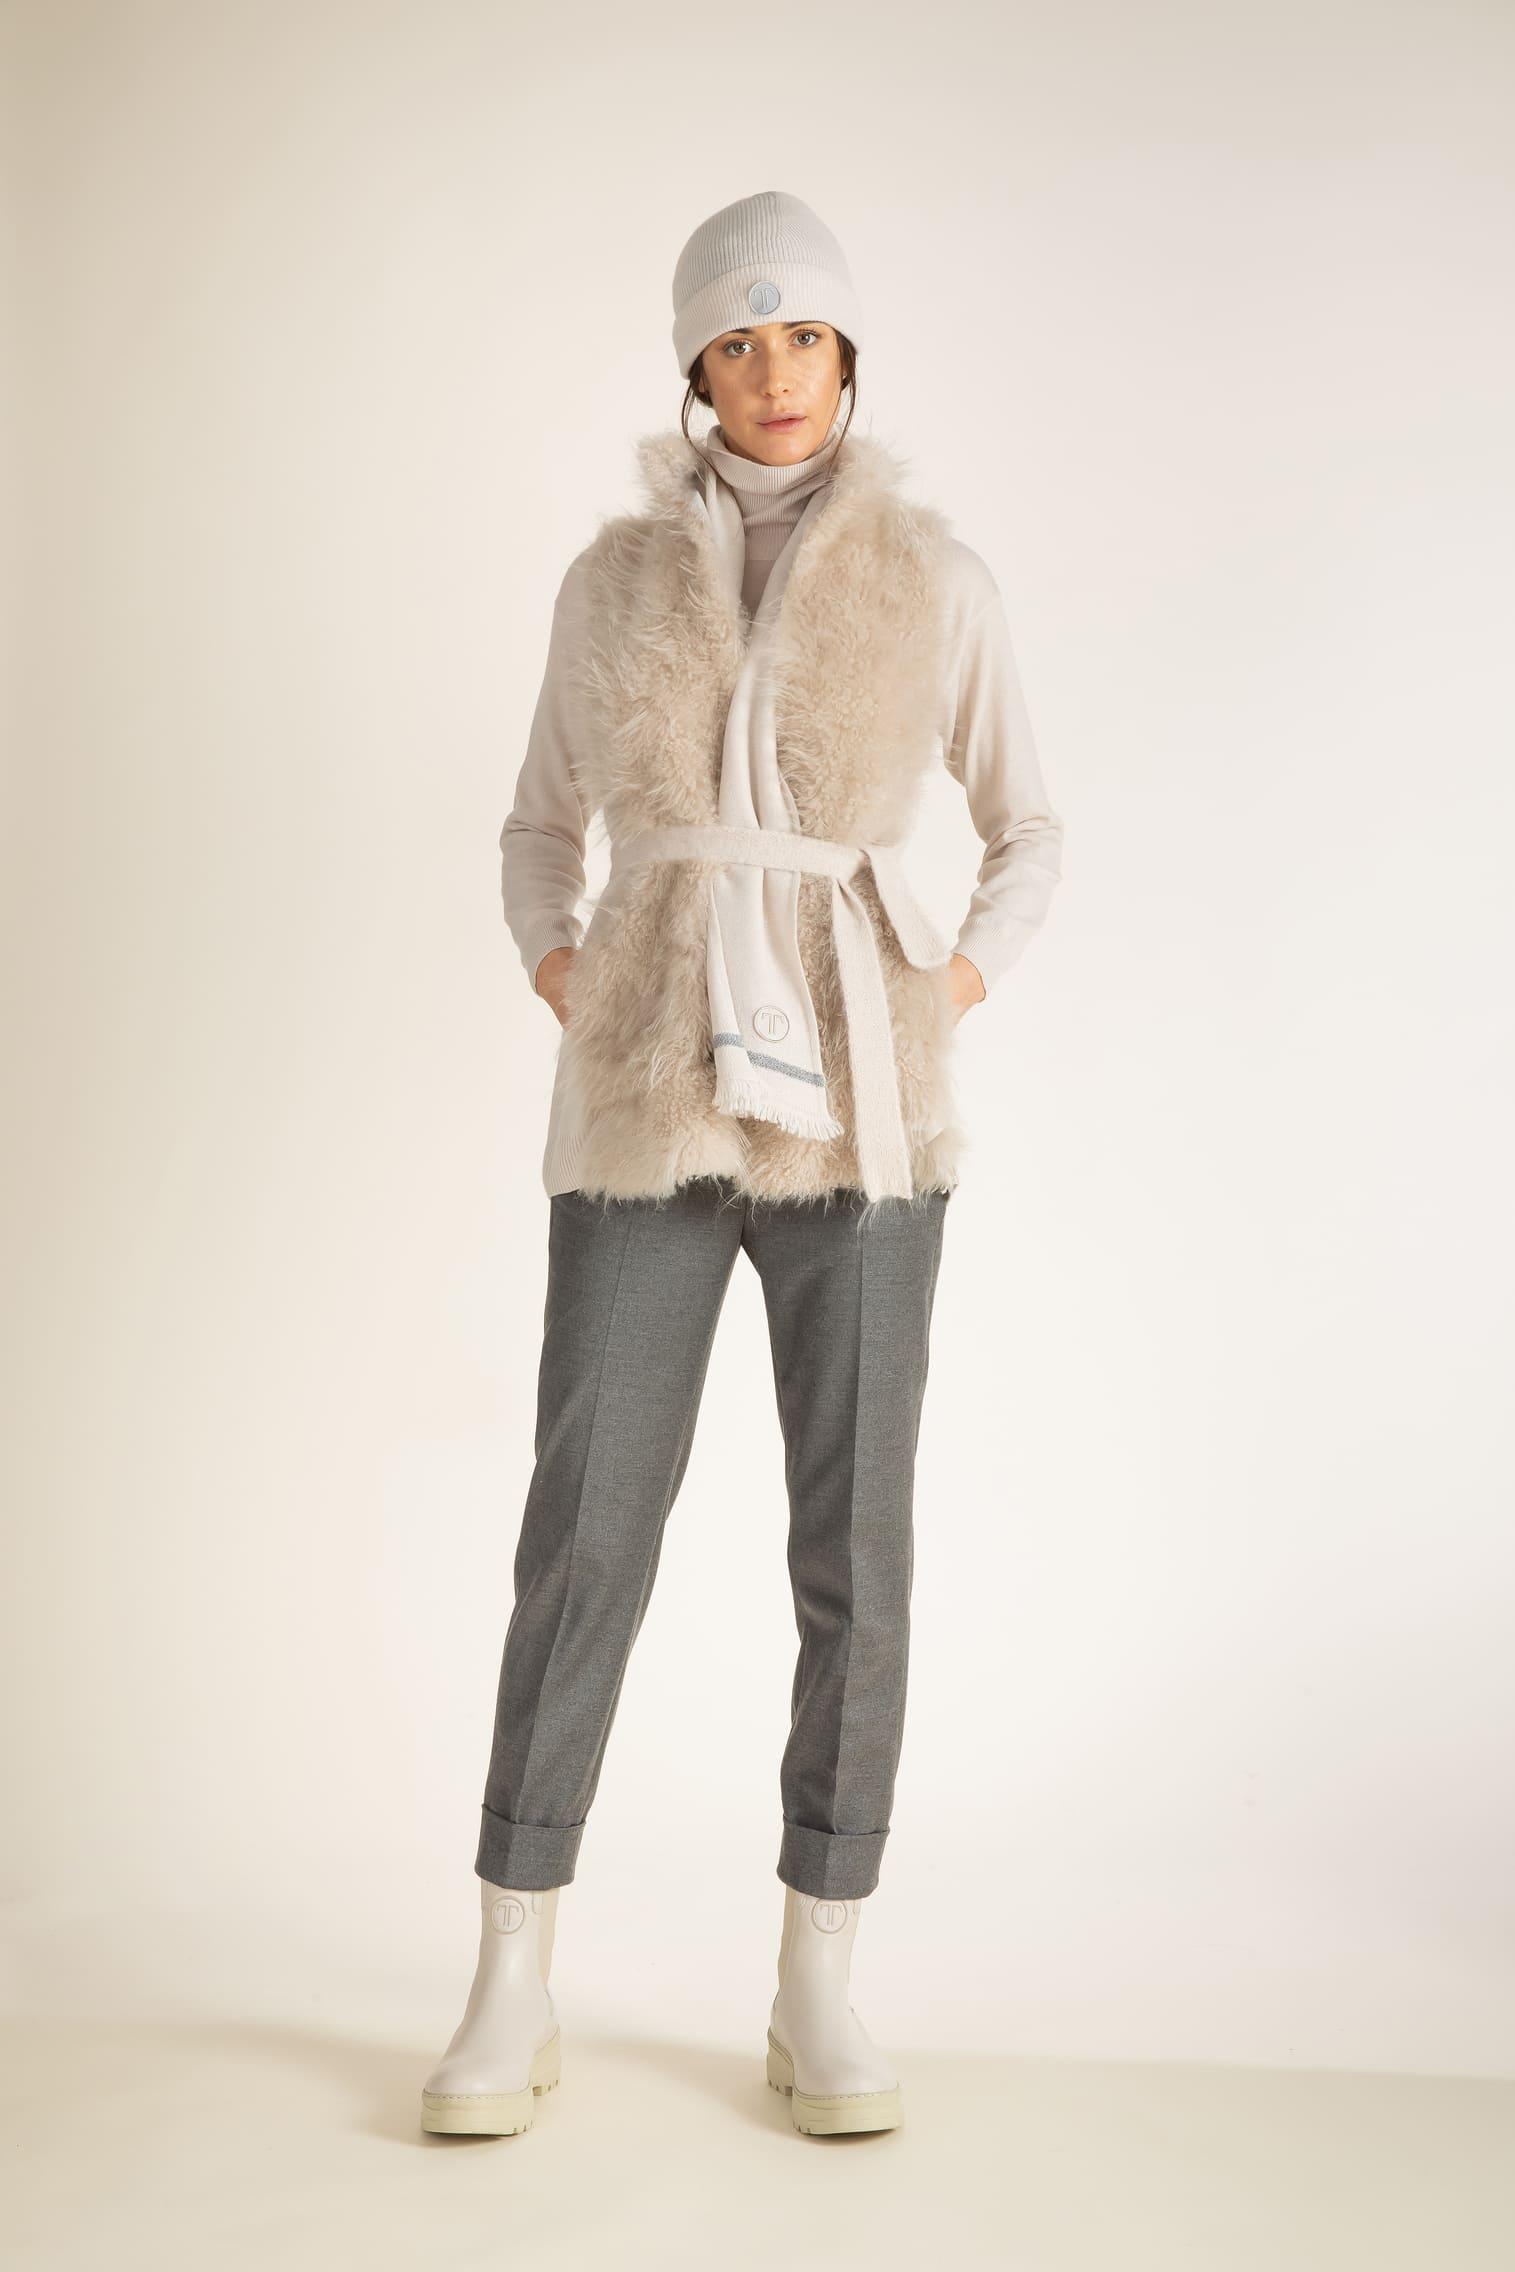 Leichtes kuscheliges Gilet. Das edle längere Kaschmirfell vorne und der hintere Teil aus Strick und Kaschmir-Wolle Mix sorgen für angenehme Wärme in kalten Wintertagen. Dazu passt der Rollkragenpullover in gleicher Farbe. Dieser Look ist perfekt.